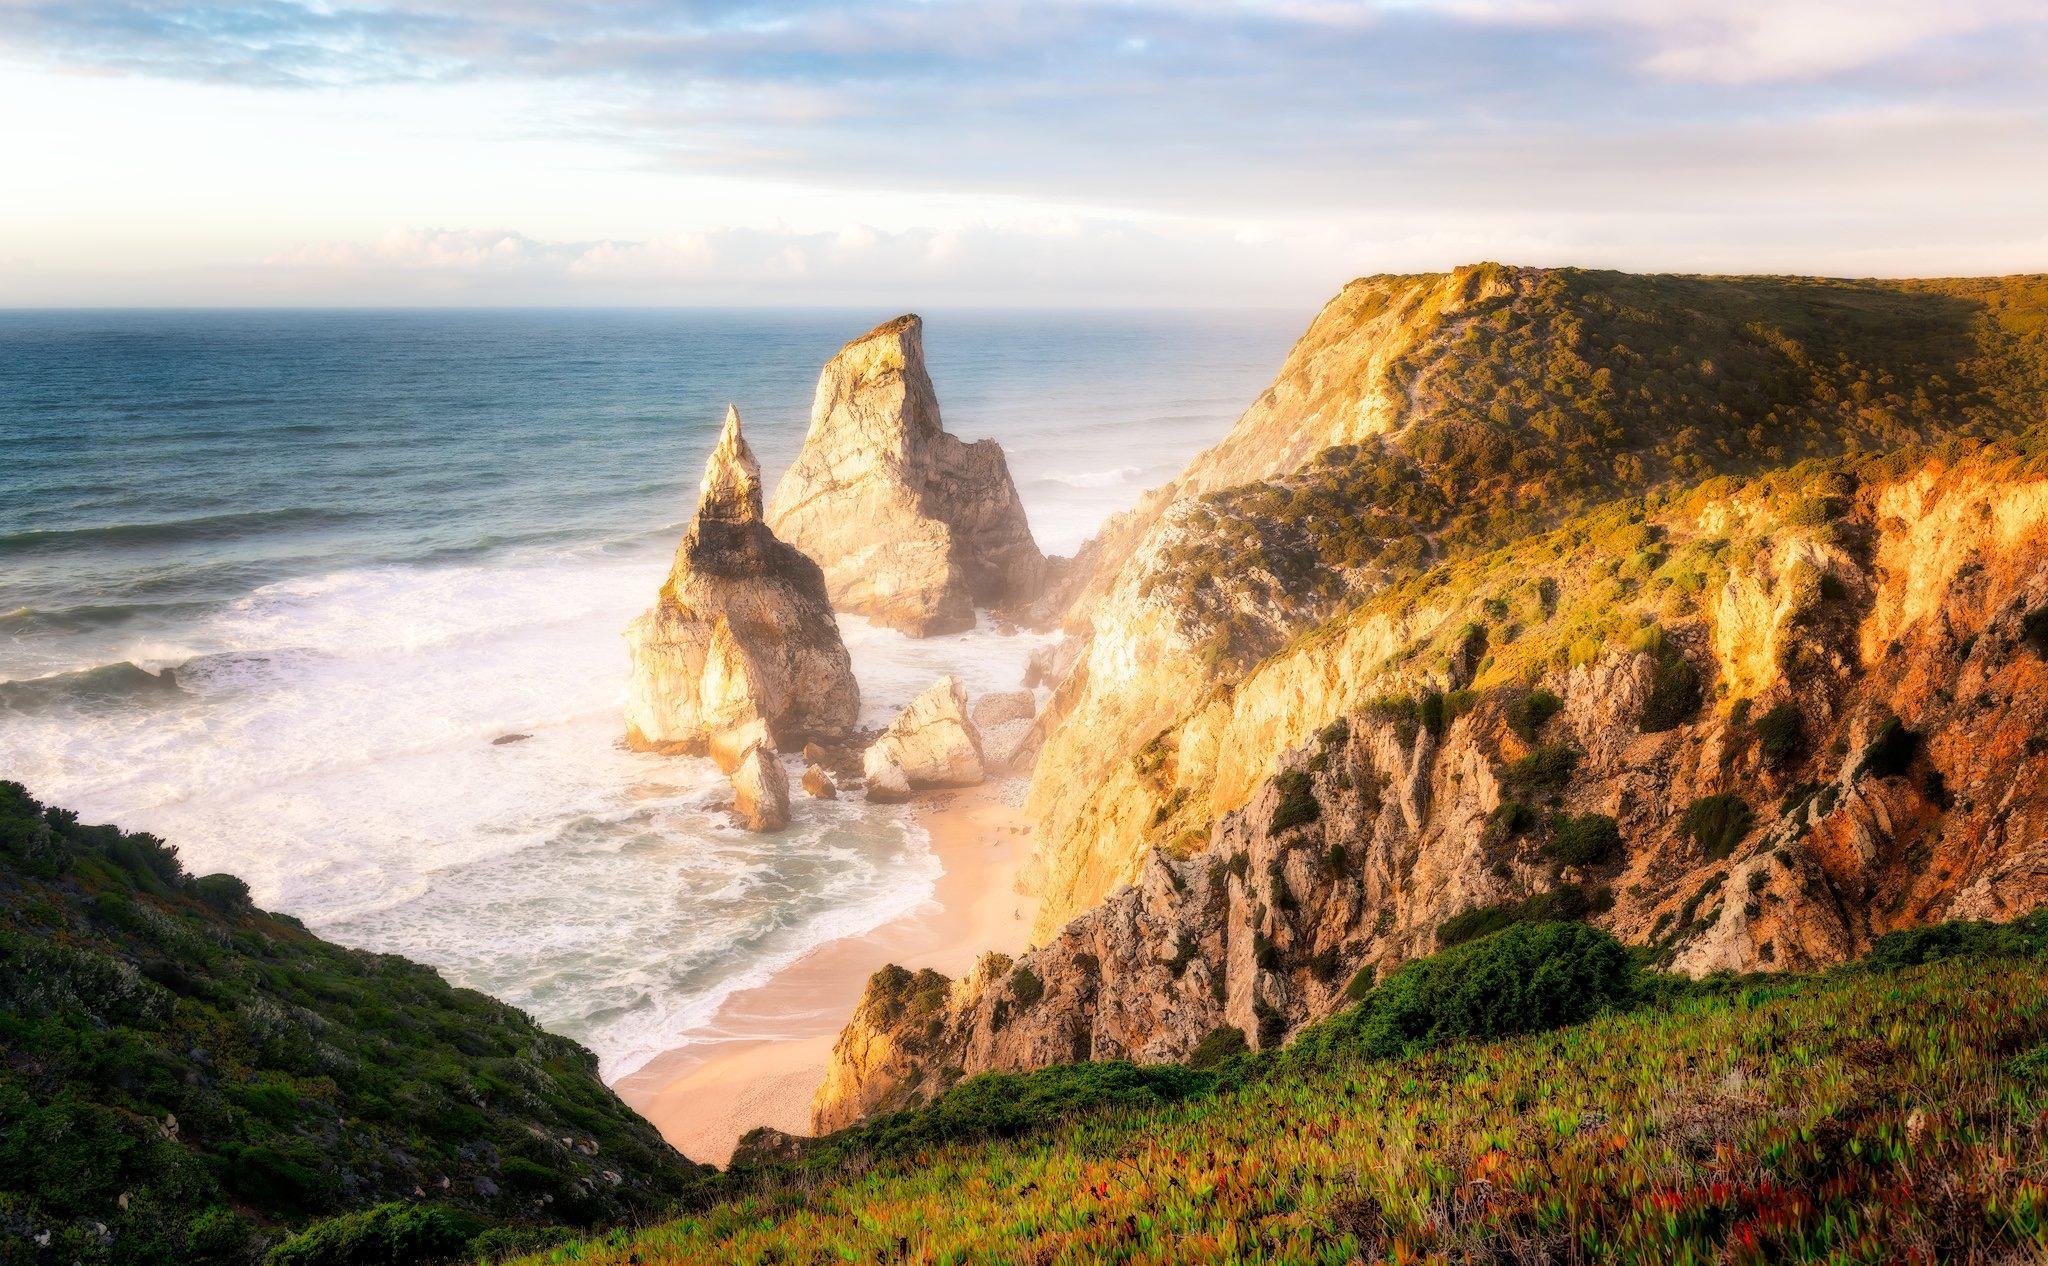 Praia da Ursa in Portugal - is it worth seeing?